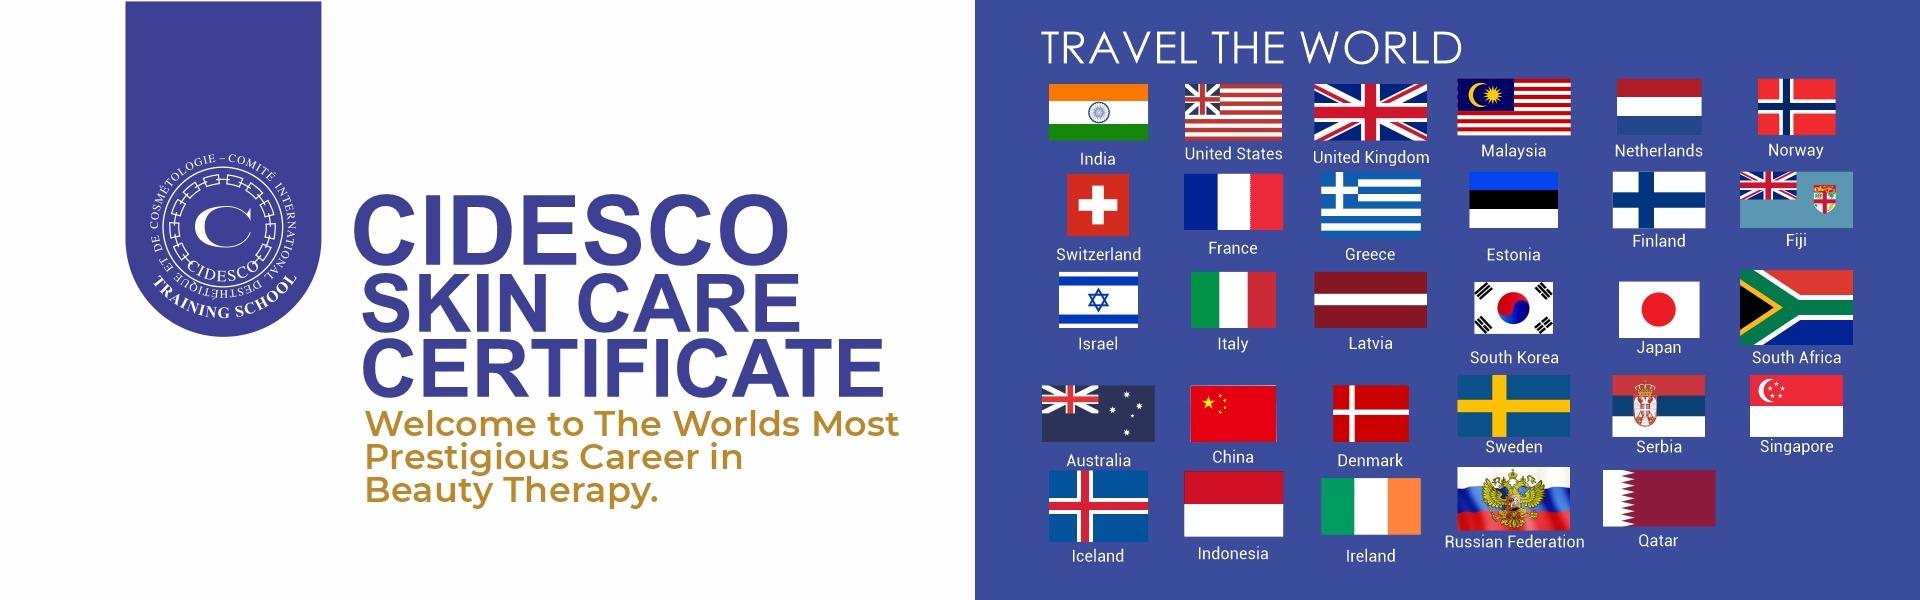 CIDESCO Skin Care Certificate Course